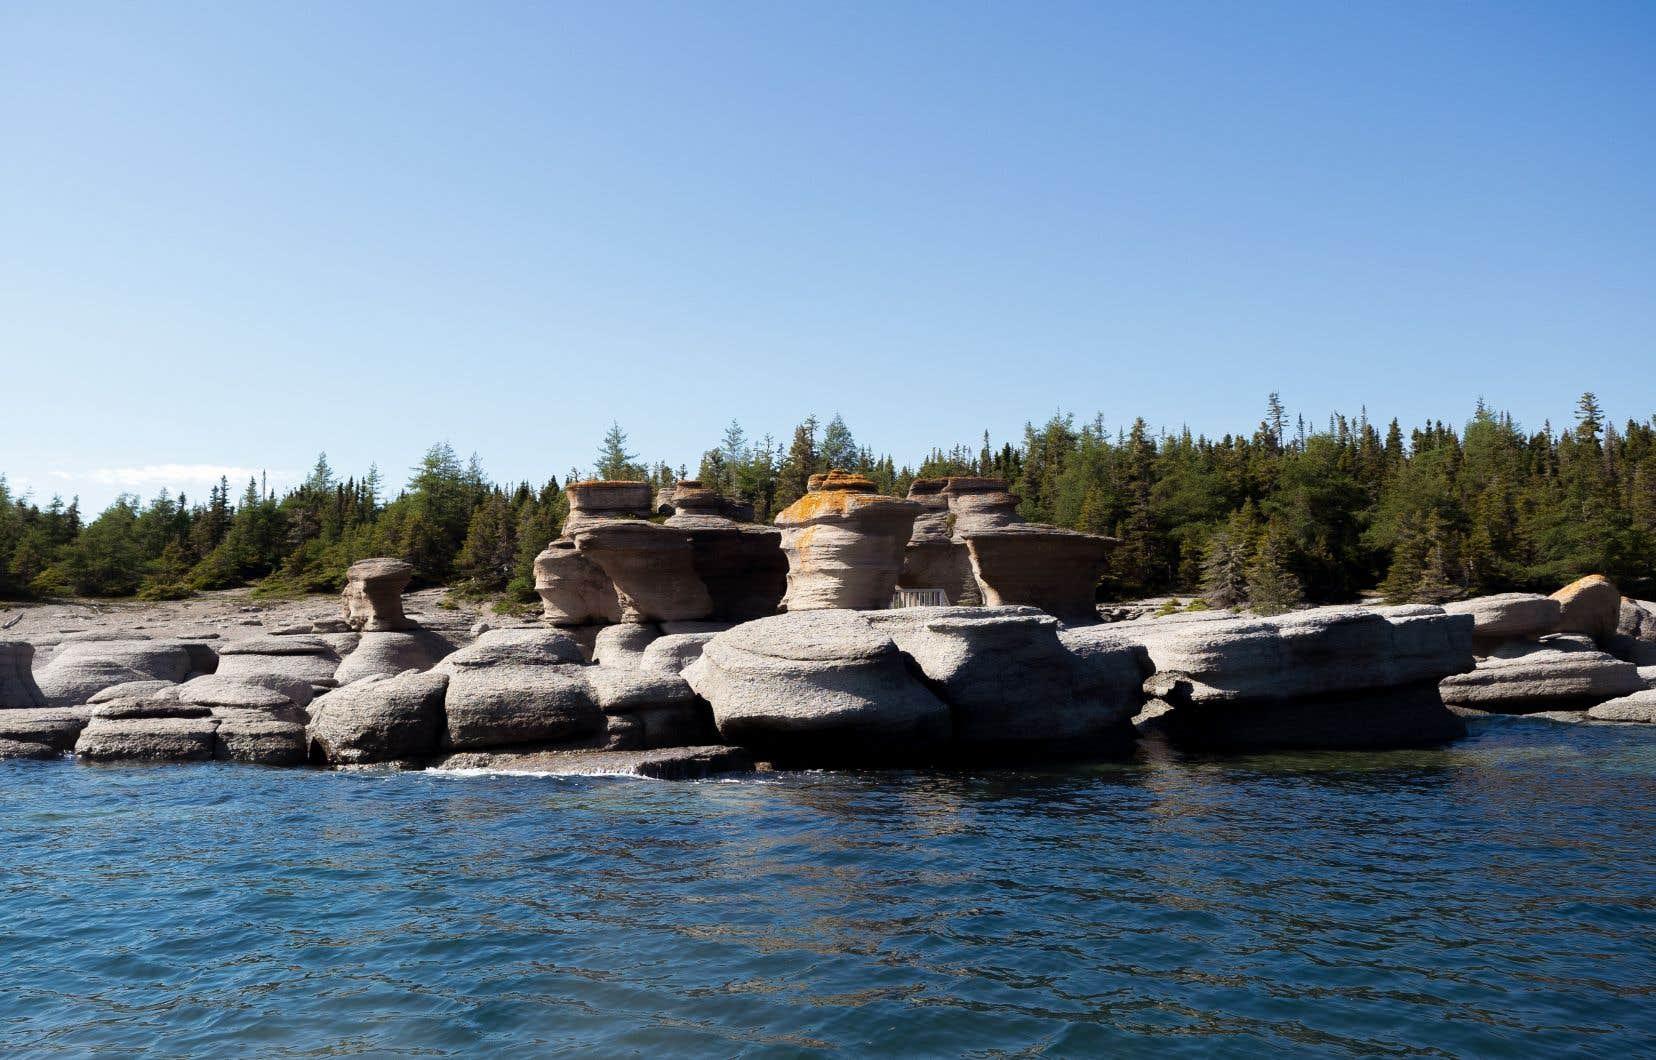 En plus des géants de calcaire sculptés par les vents et les marées, la beauté de l'archipel réside aussi dans le fait qu'il regorge de plantes marines savoureuses et étonnamment méconnues de la gastronomie québécoise.